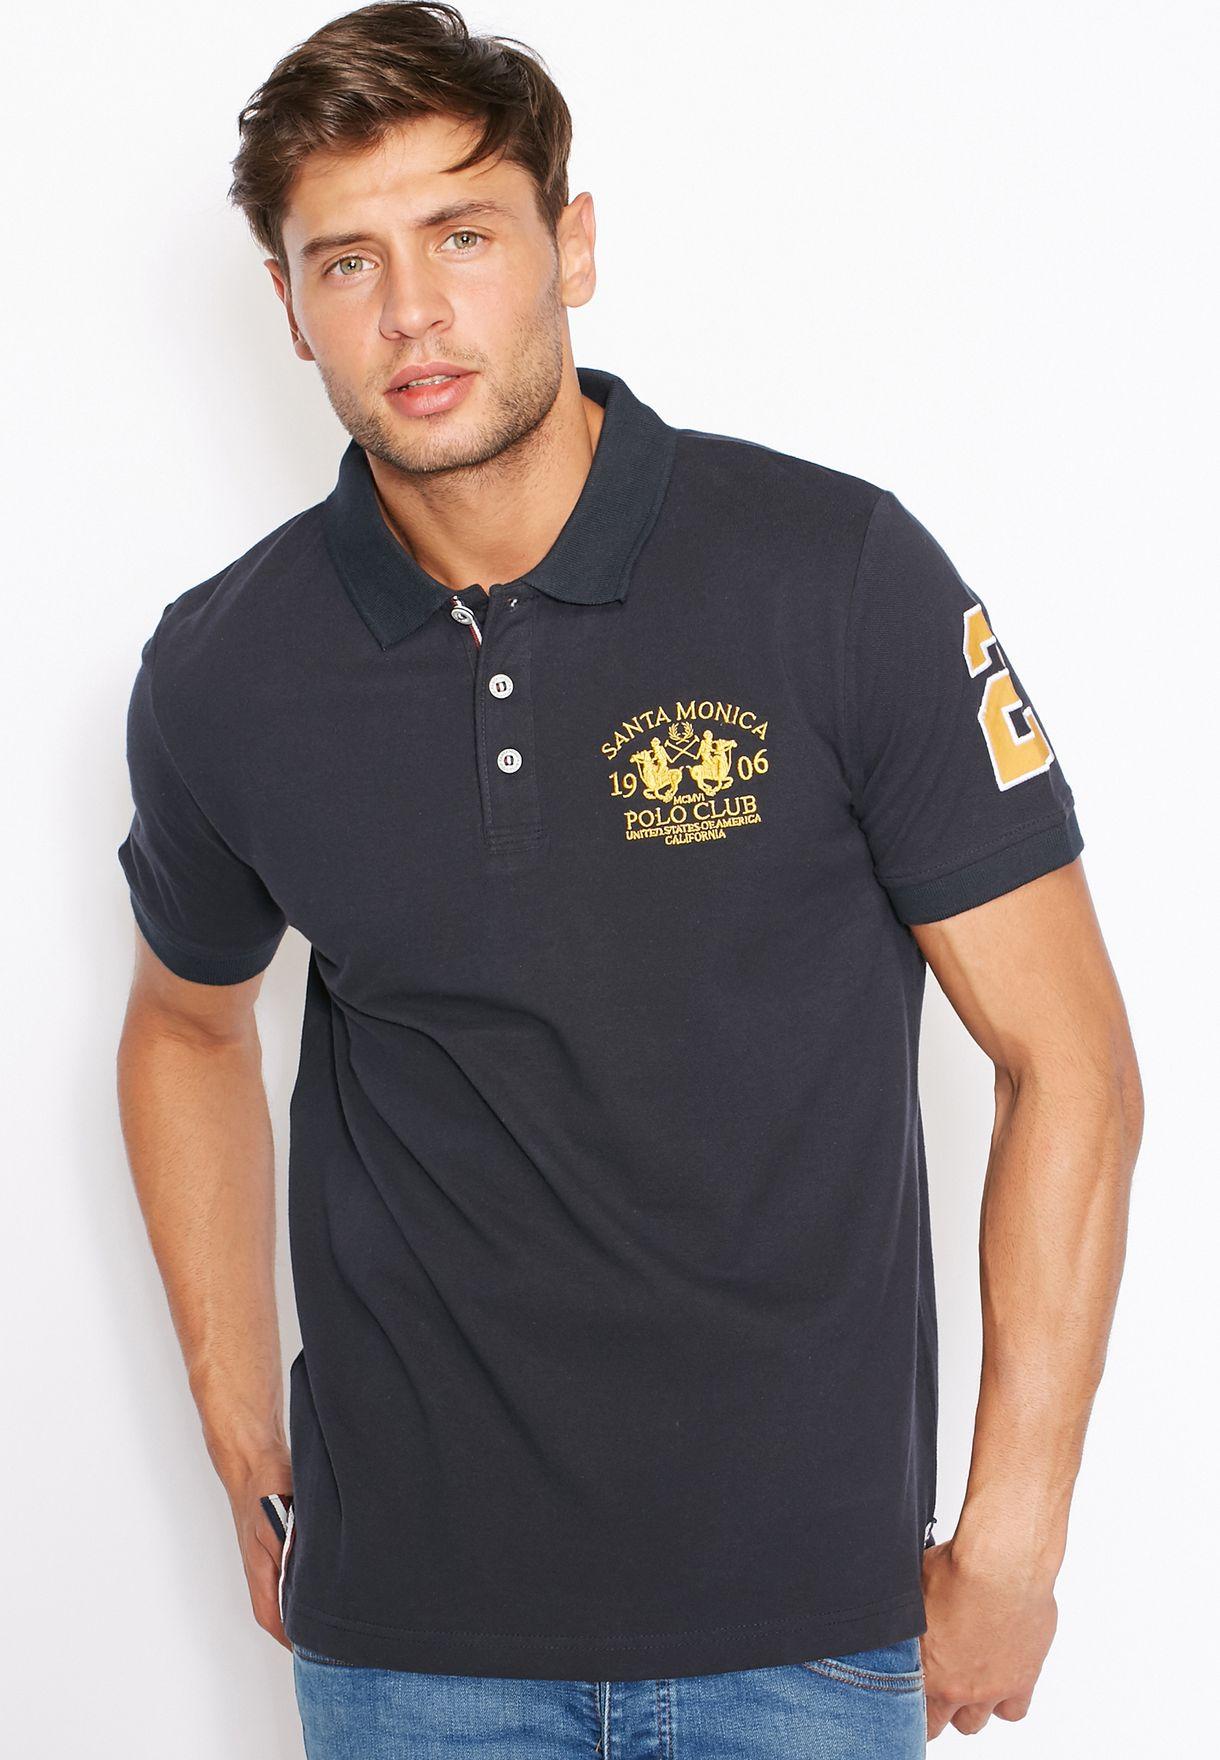 241a1c11 Shop Santa monica polo club navy Varsity Logo Polo for Men in ...